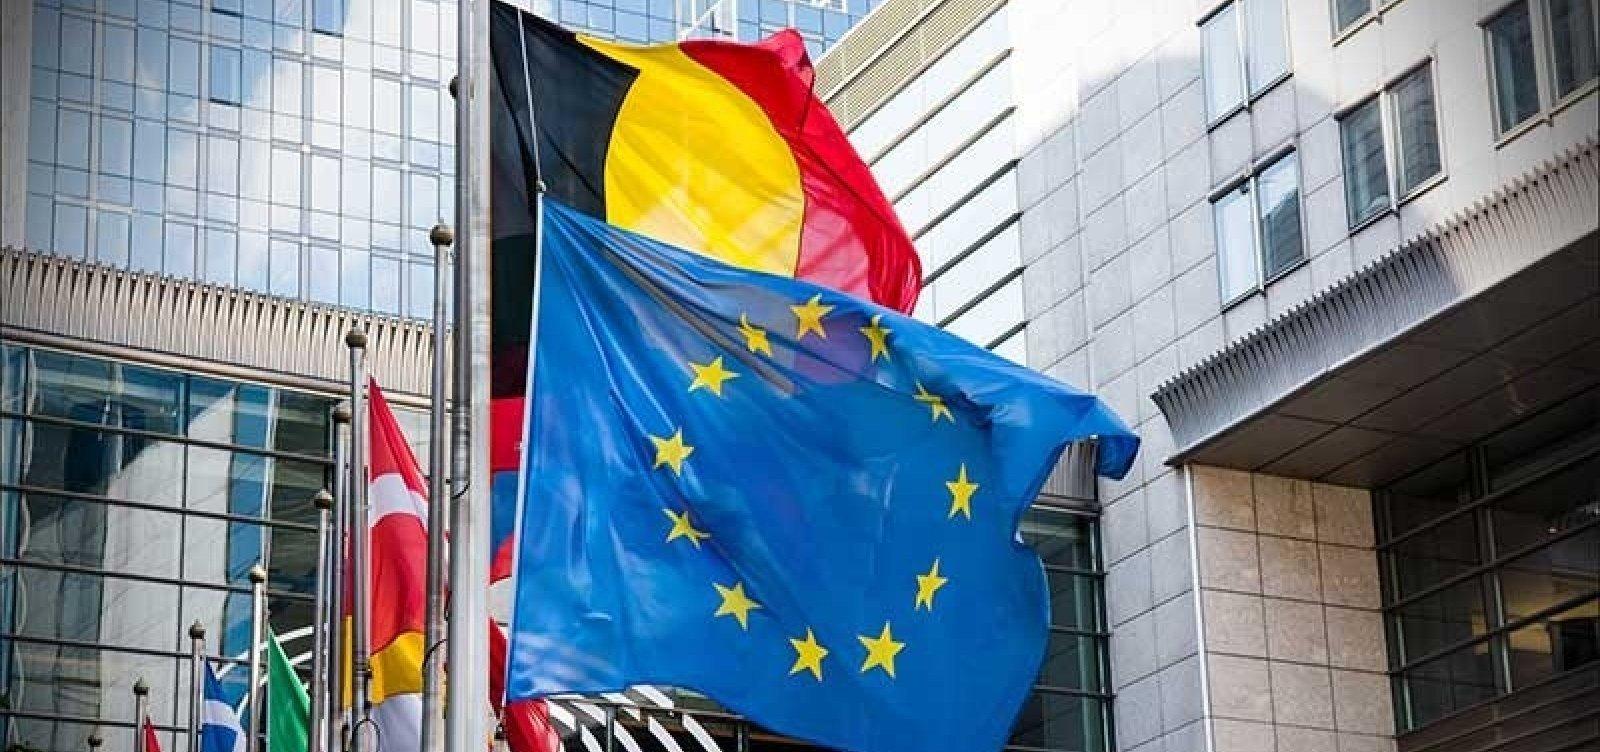 Covid-19: Alemanha enviará médicos e ventiladores para ajudar Portugal